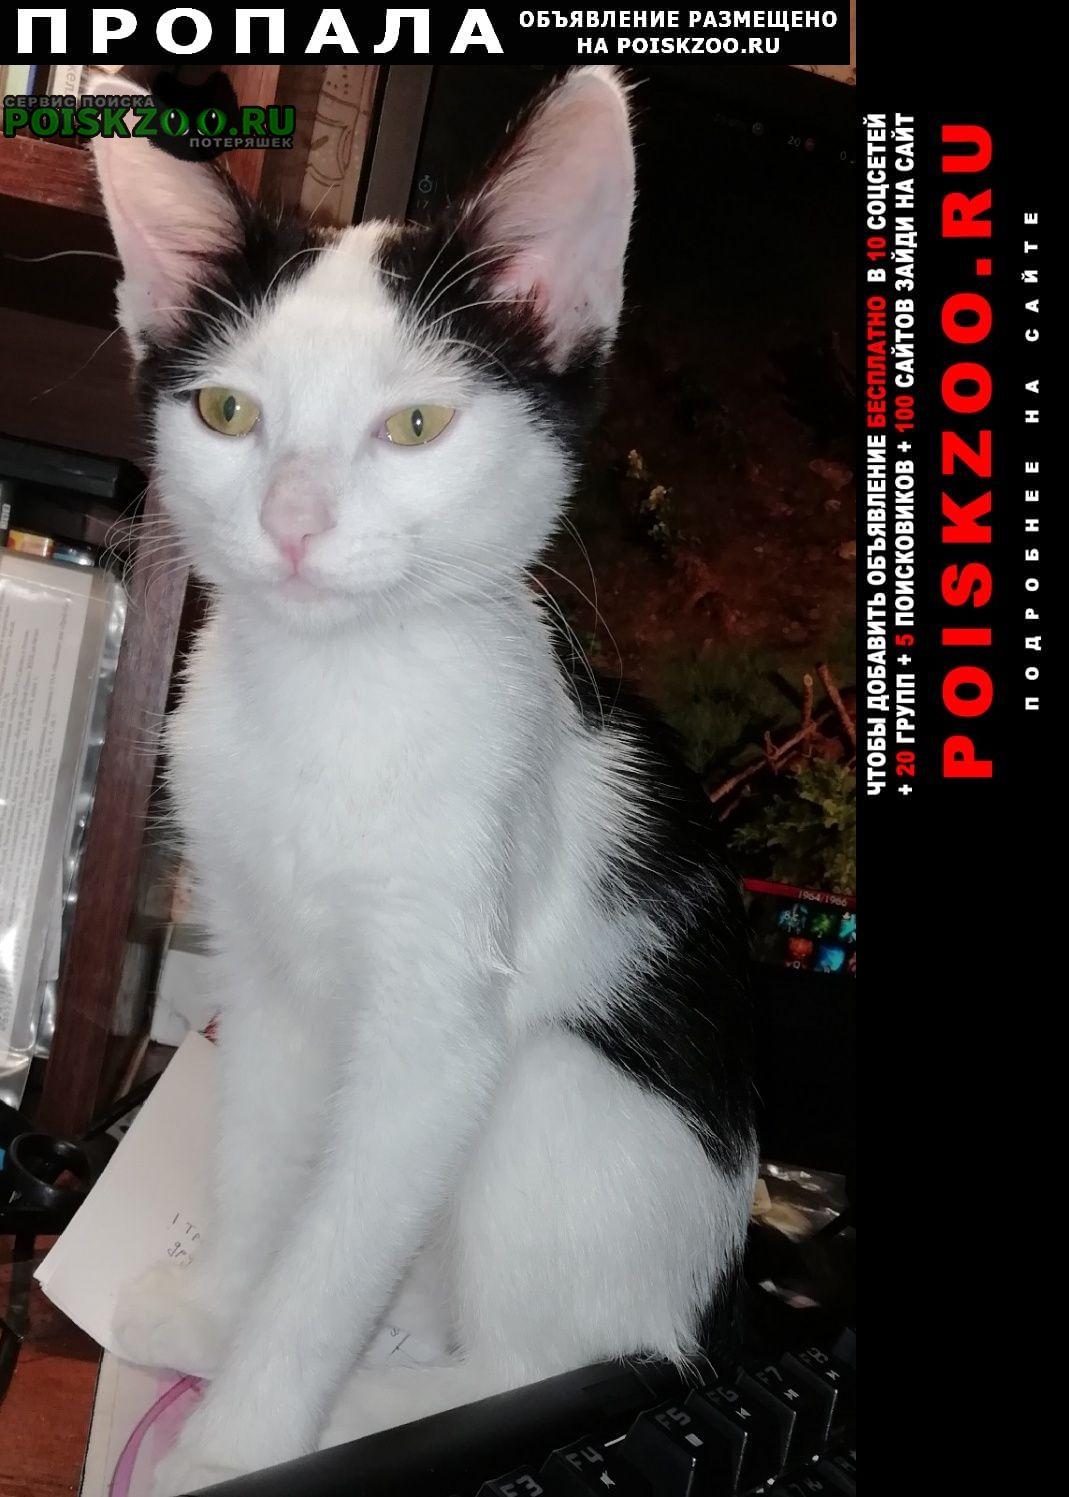 Пропала кошка Таганрог